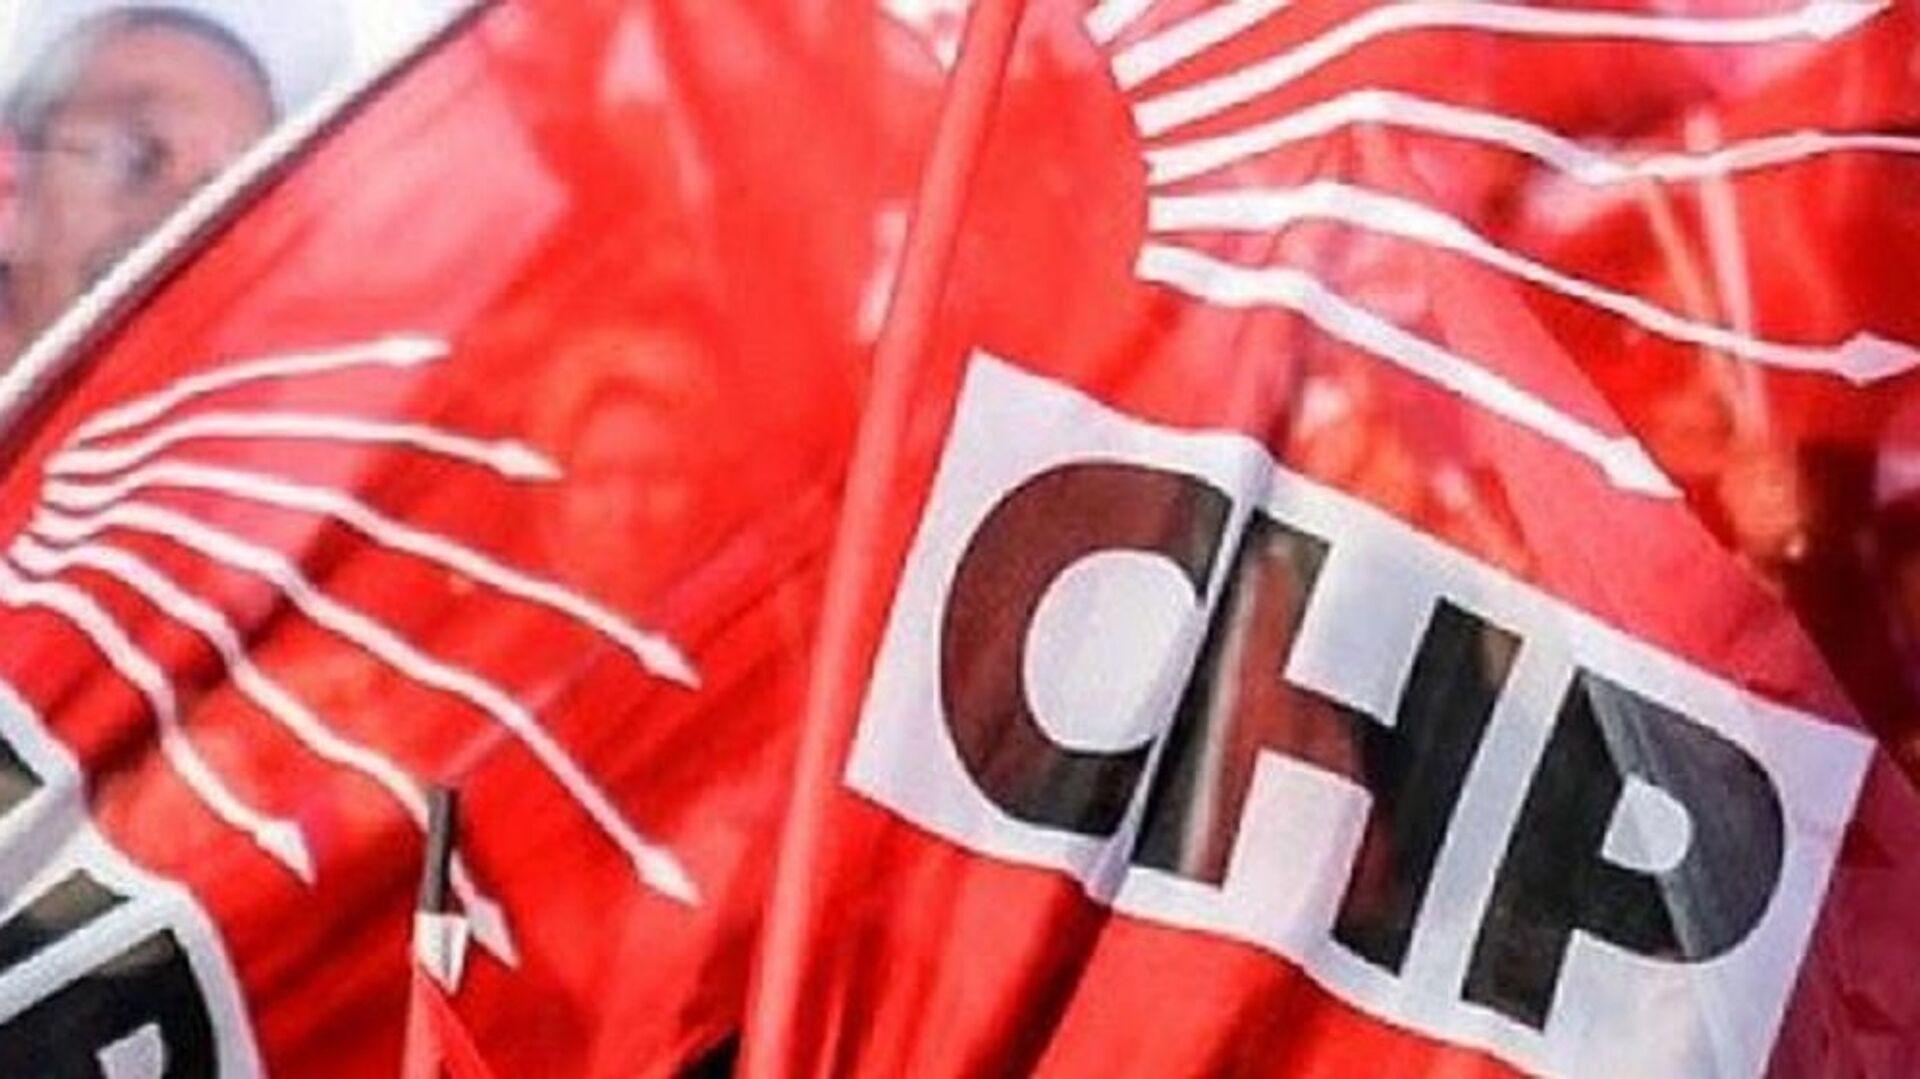 CHP, bayrak, logo - Sputnik Türkiye, 1920, 09.04.2021